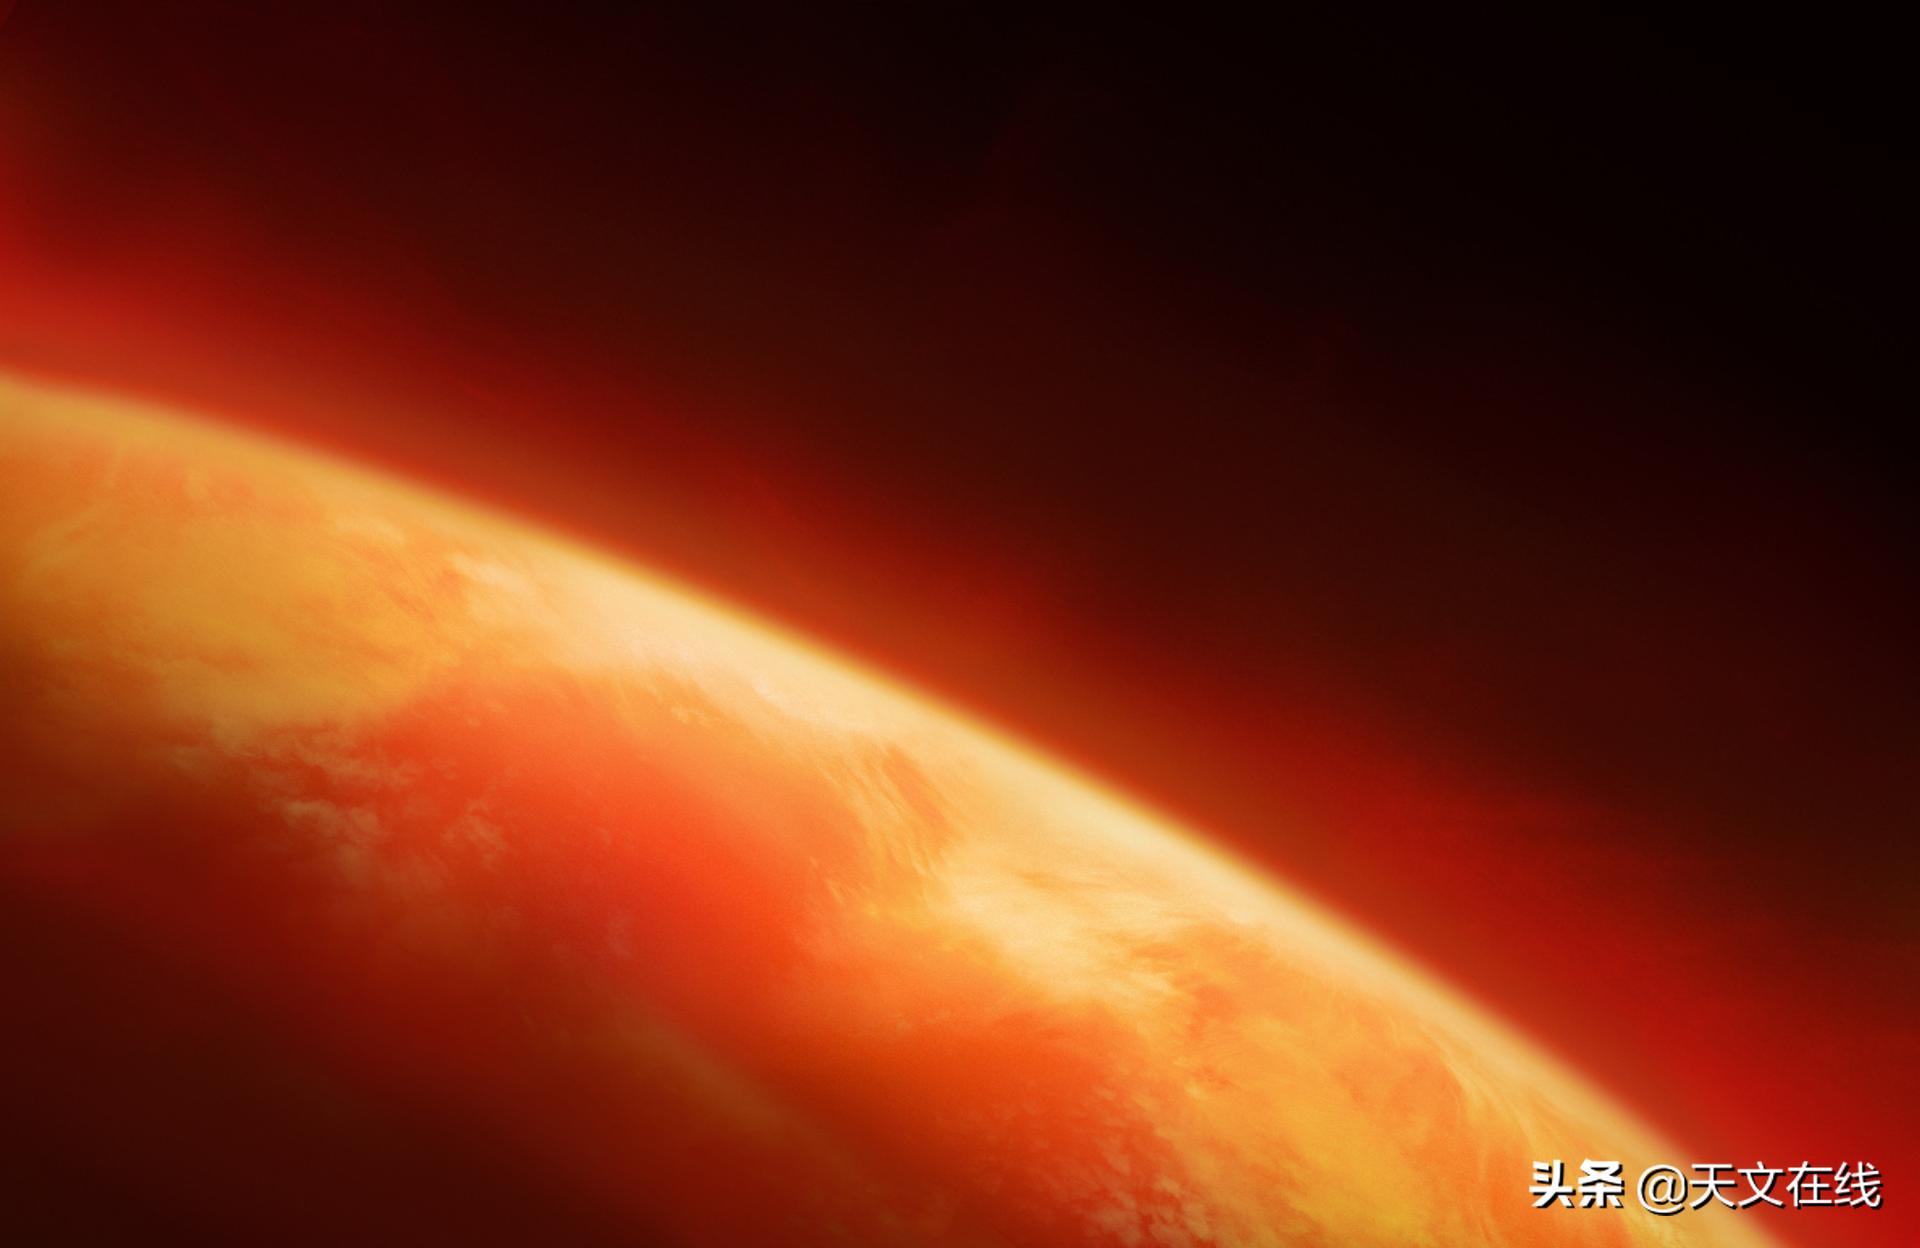 大限将至?18个小时就是1年?公转周期最短行星是否处在毁灭边缘